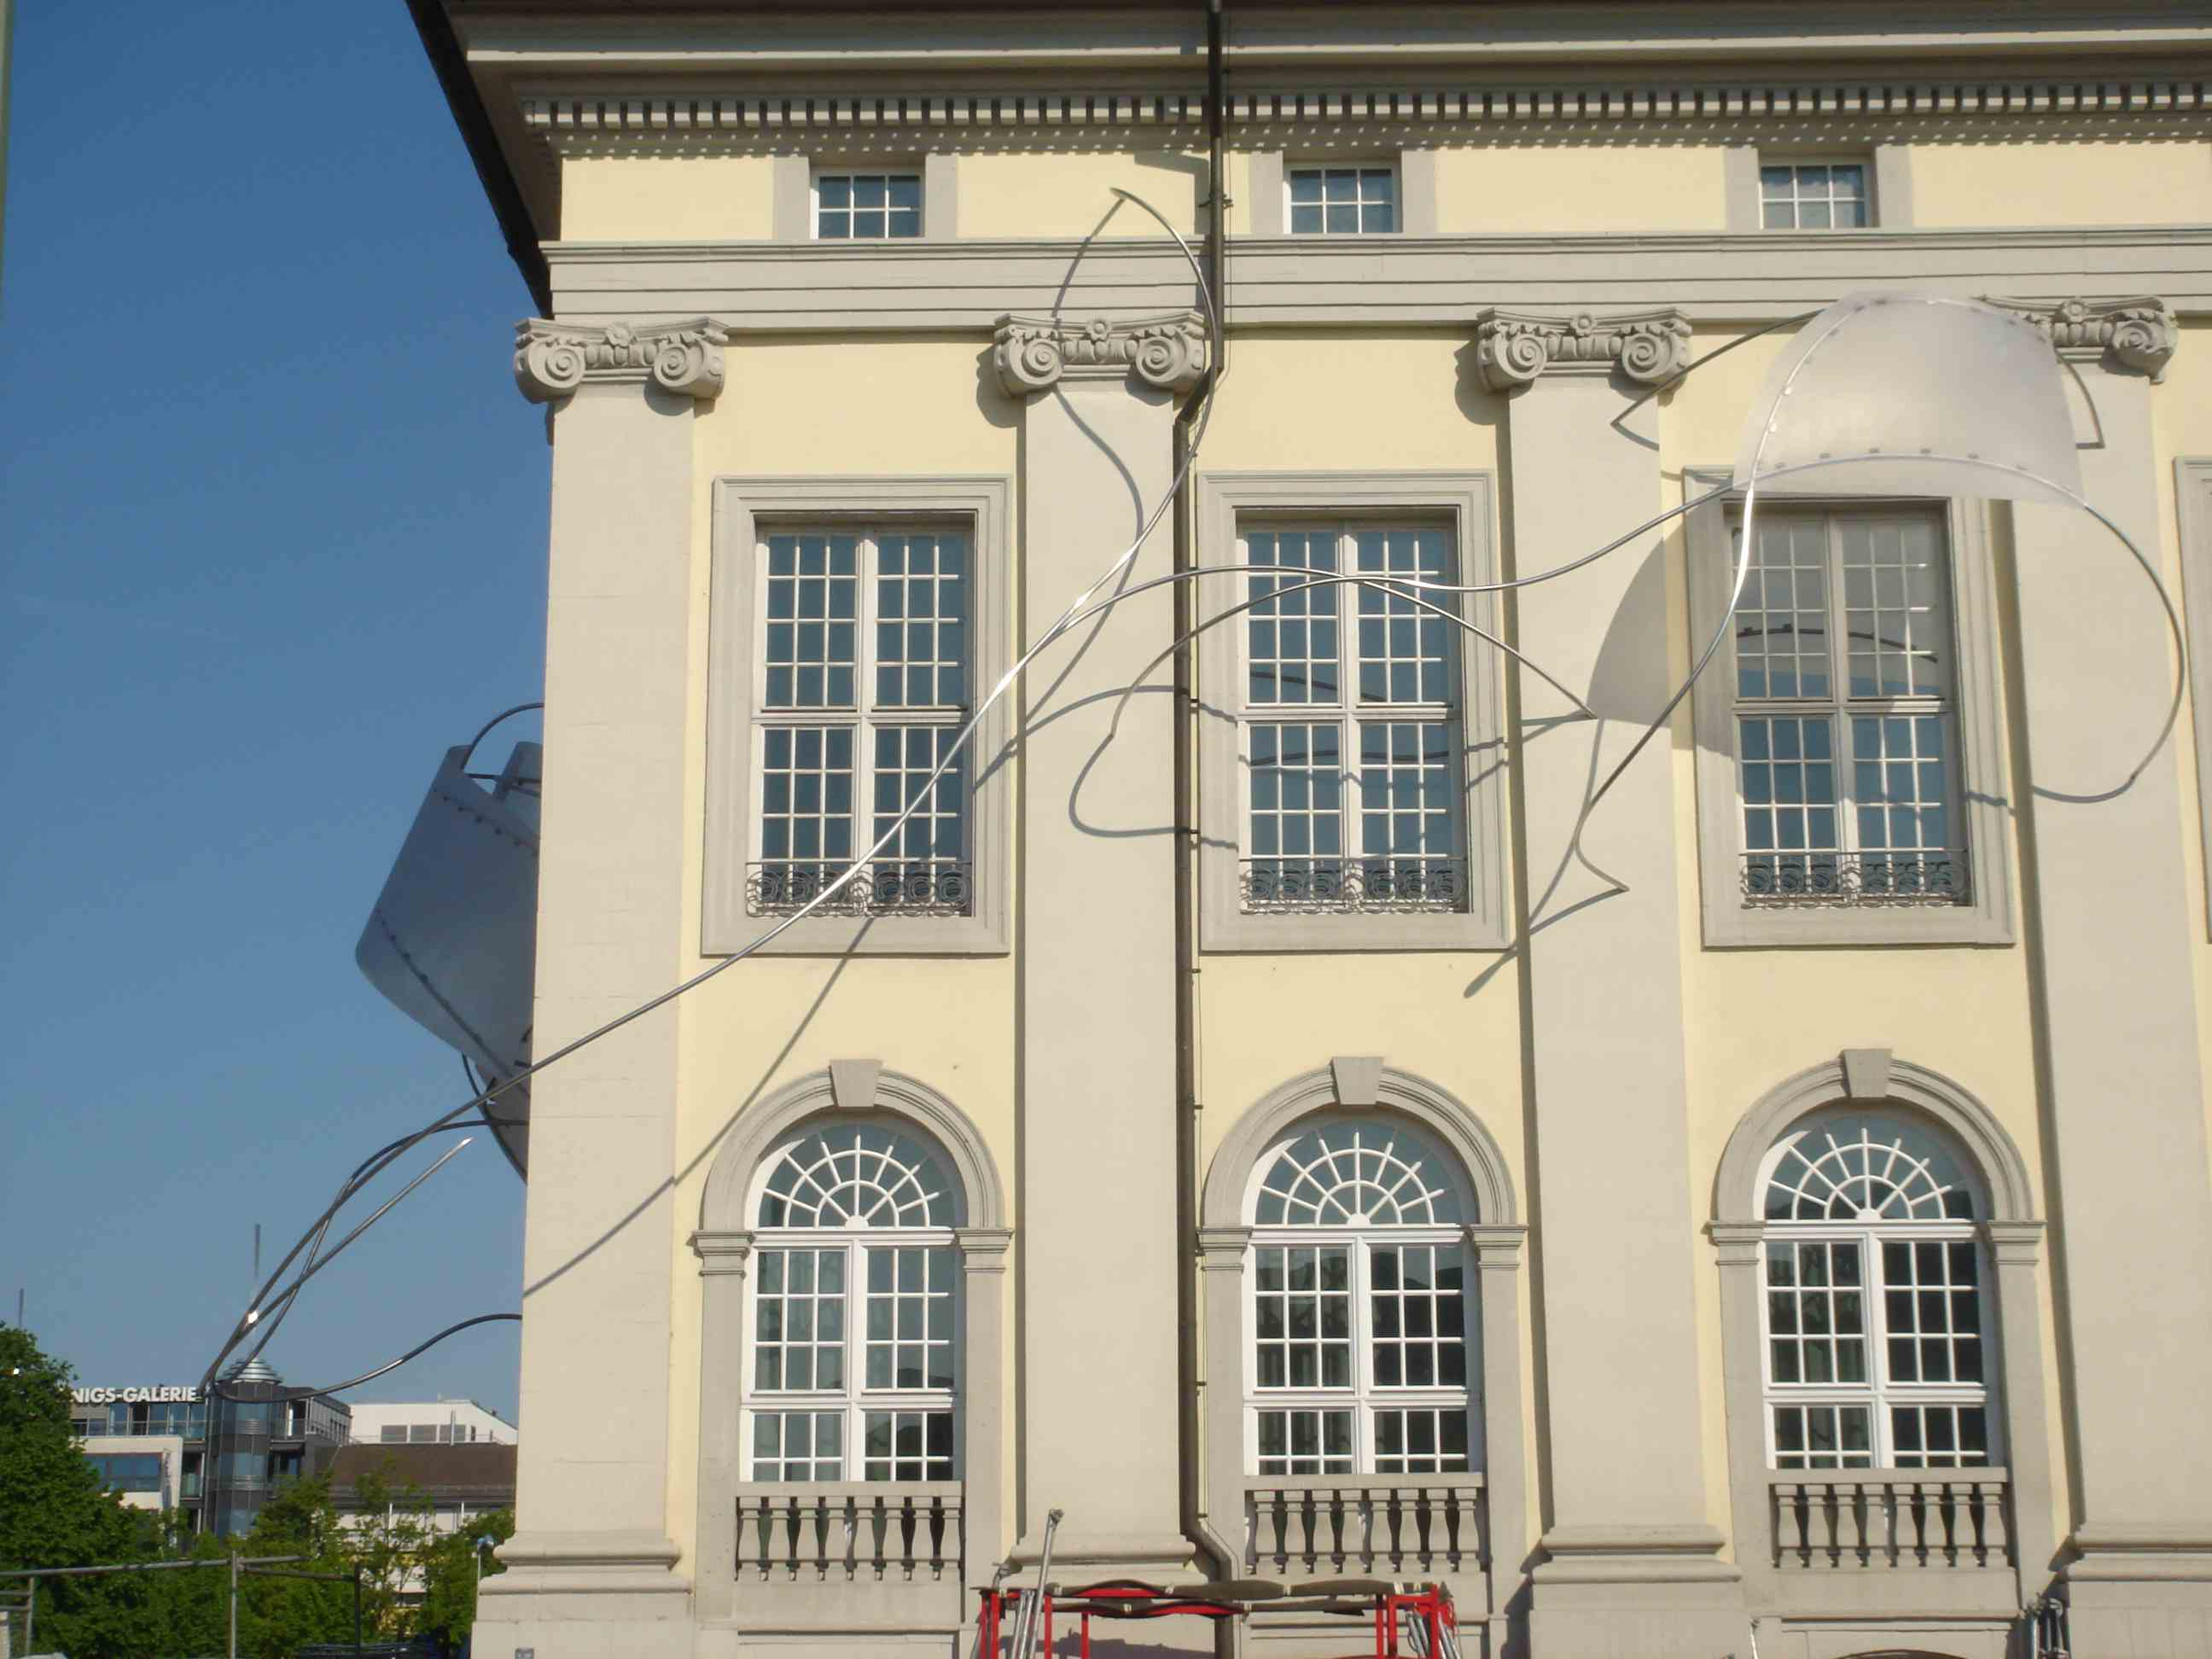 Iole_de_Freitas_-_Instala__o_Documenta_de_Kassel_-_2007_-_Policarbonato_e_a_o_inox_2